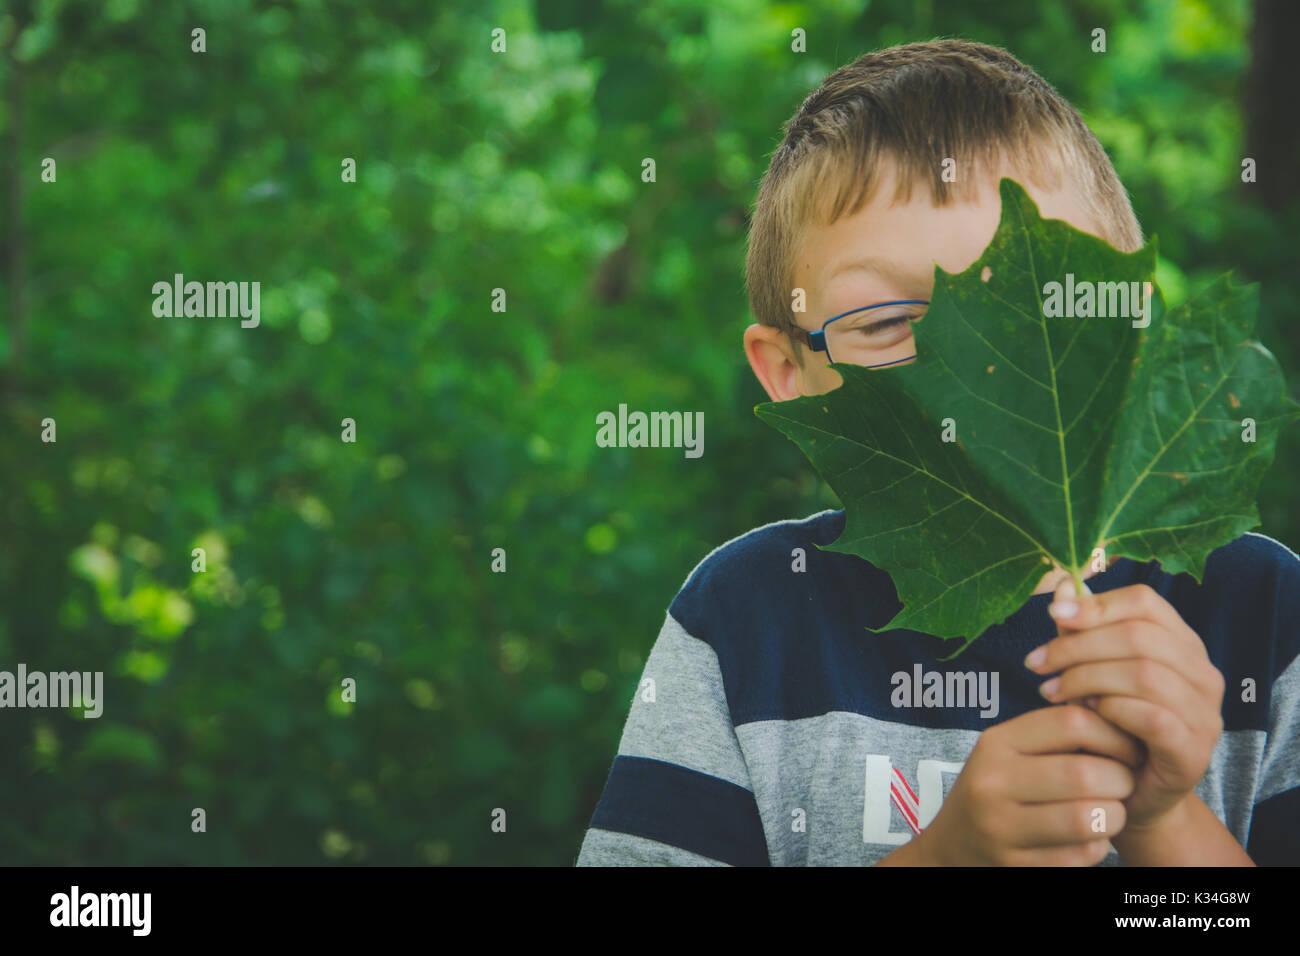 Un niño sostiene la hoja verde delante de su rostro. Imagen De Stock